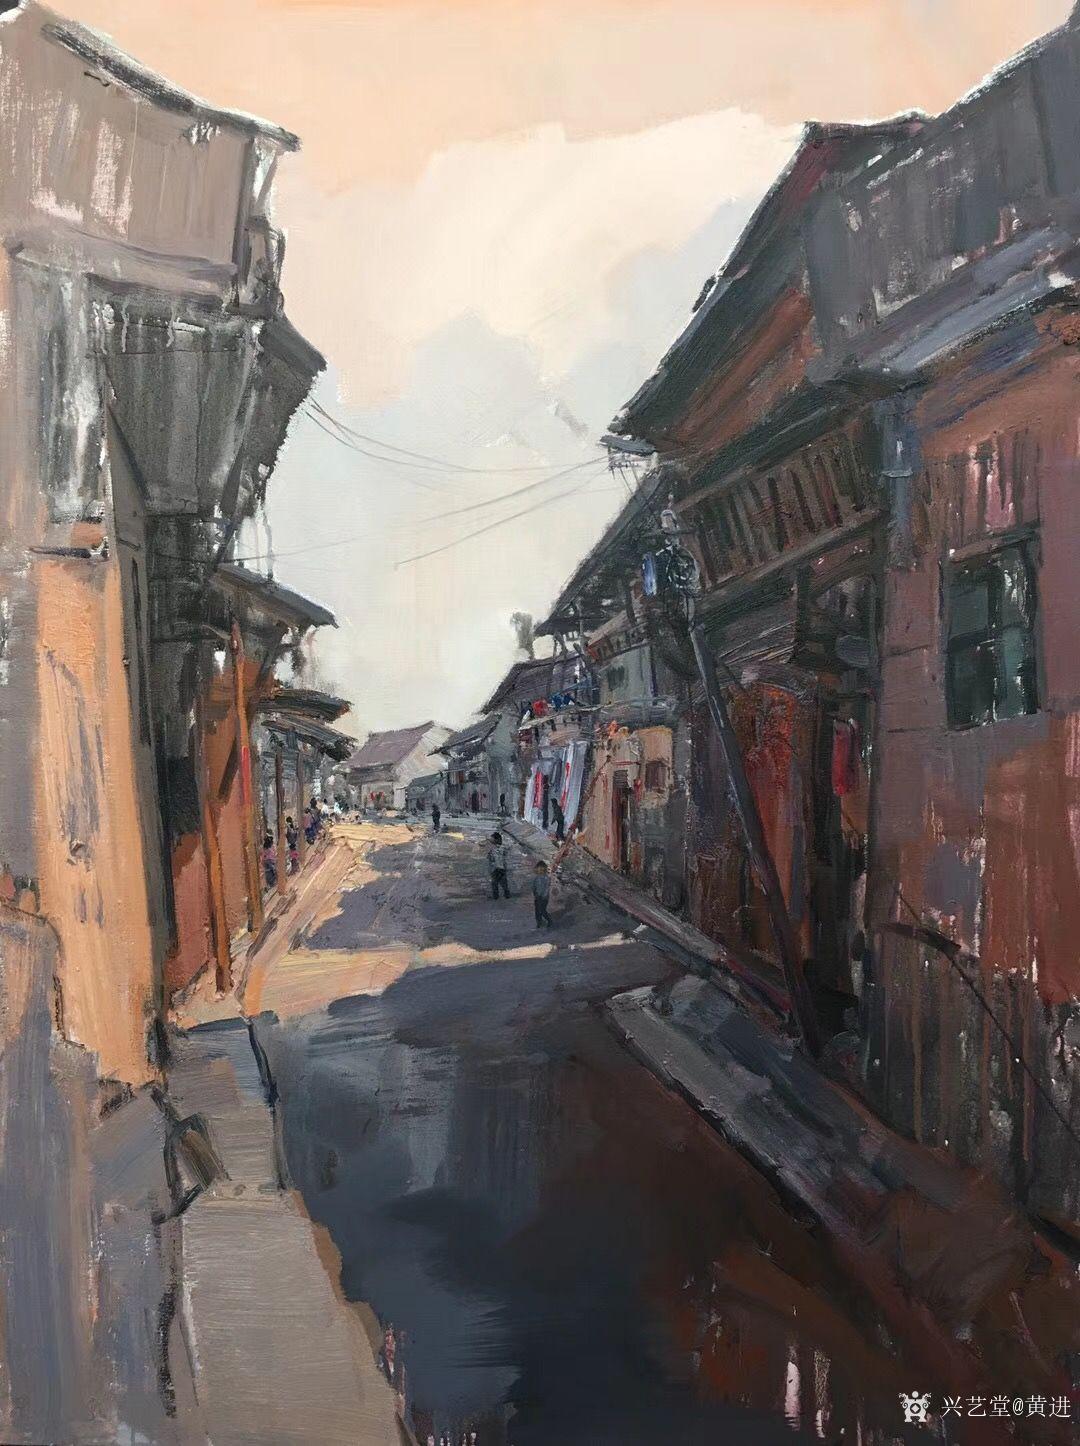 壁纸 风景 古镇 建筑 街道 旅游 摄影 小巷 1080_1446 竖版 竖屏 手机